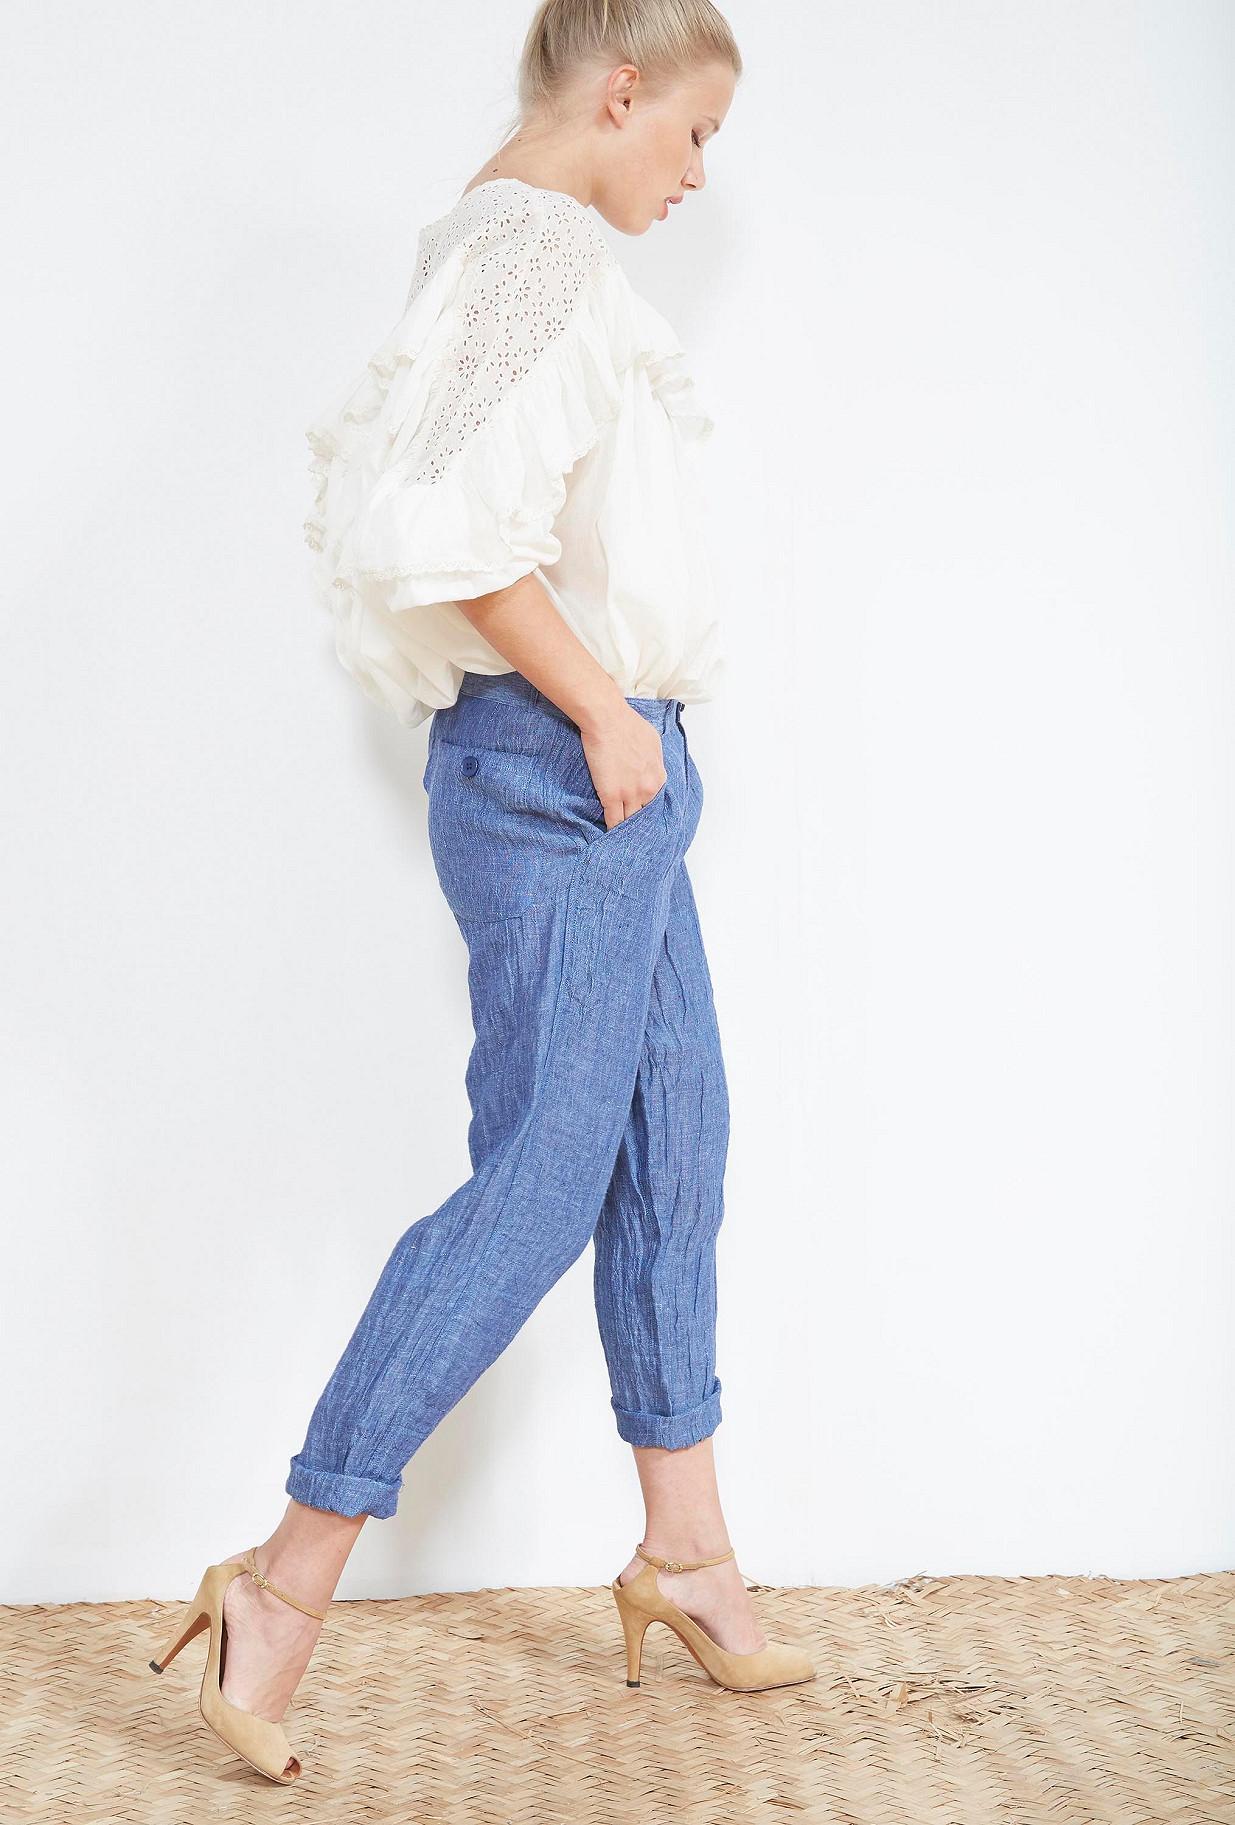 clothes store PANTS  Nemo french designer fashion Paris